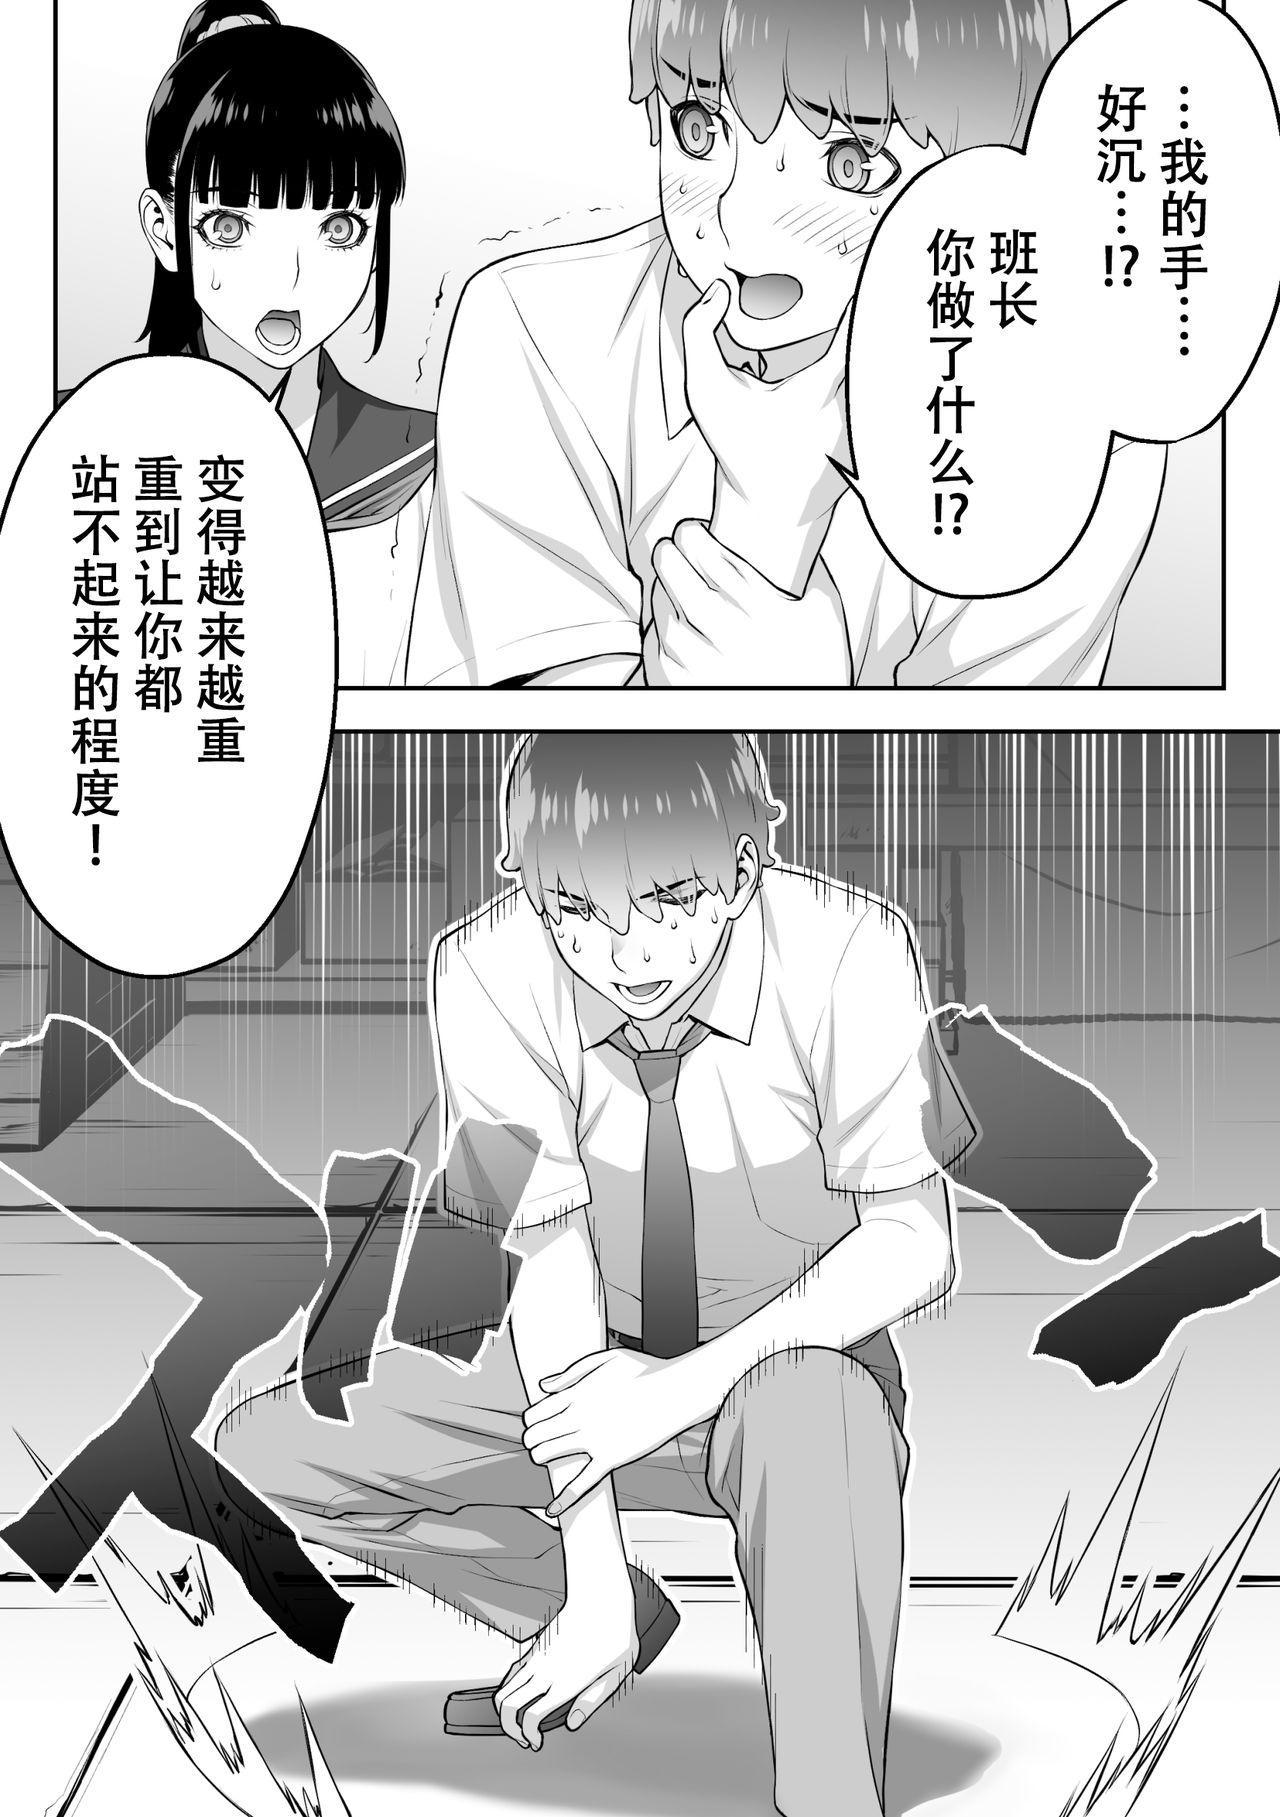 Iinchou wa Saimin Appli o Shinjiteru. 54